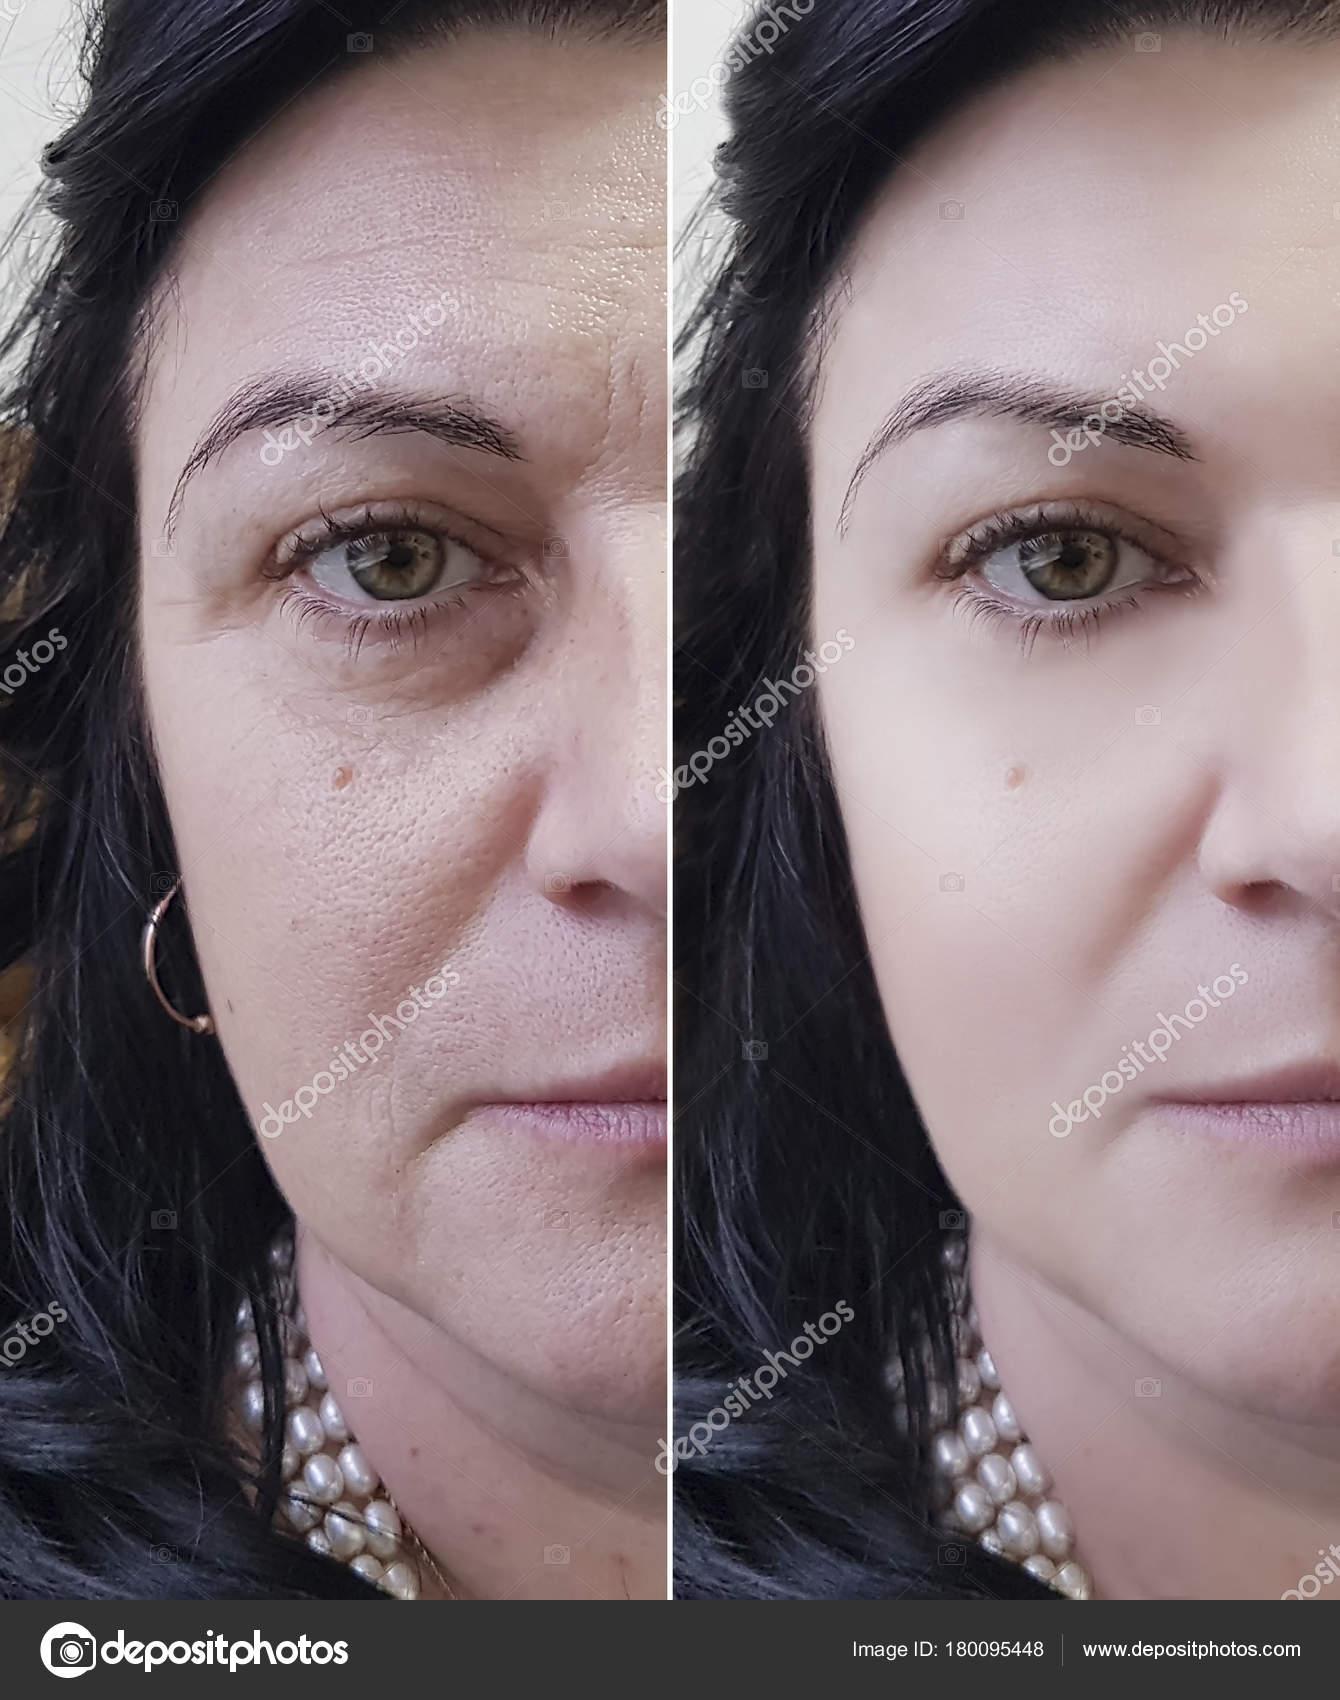 d24a031f21c0 Frau Falten Gesicht Vor Und Nach — Stockfoto © TanyaLovus #180095448